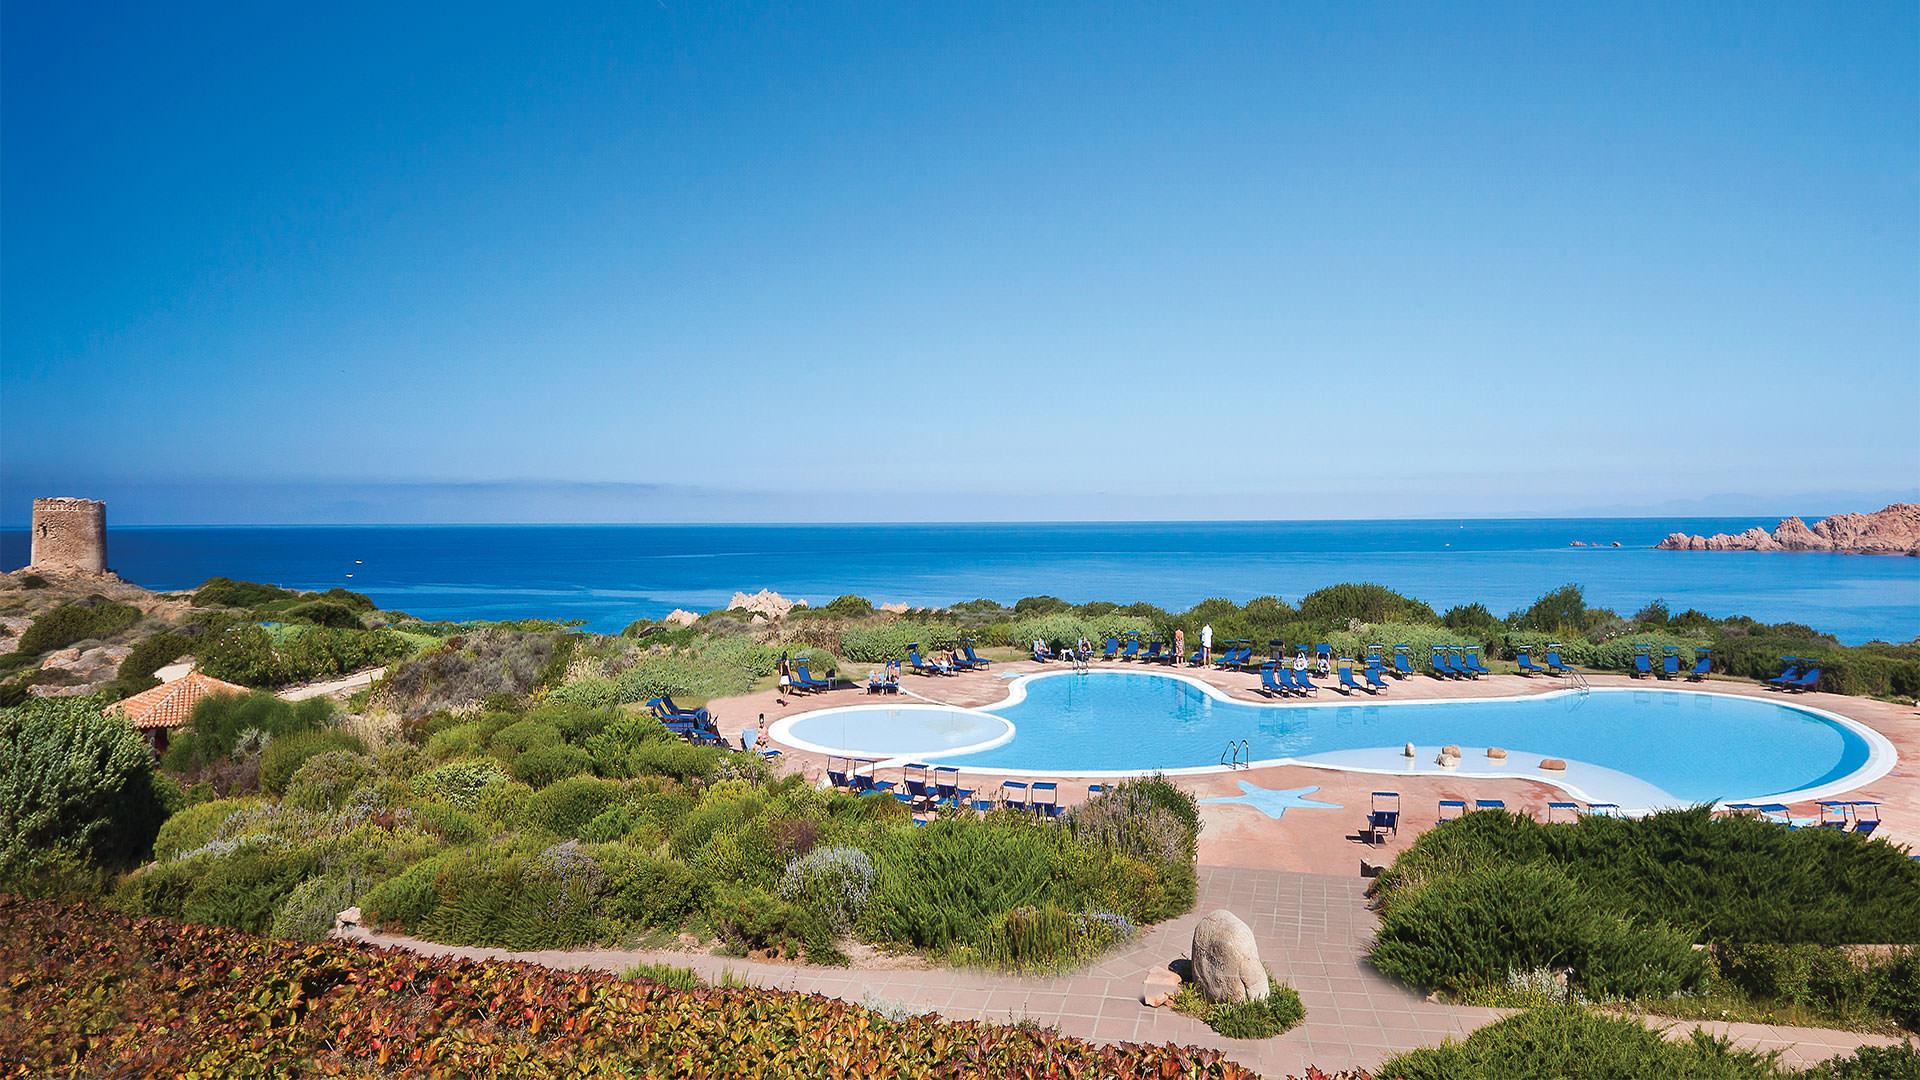 hotel-torreruja-slider-isola-rossa-mare-sardegna-mini